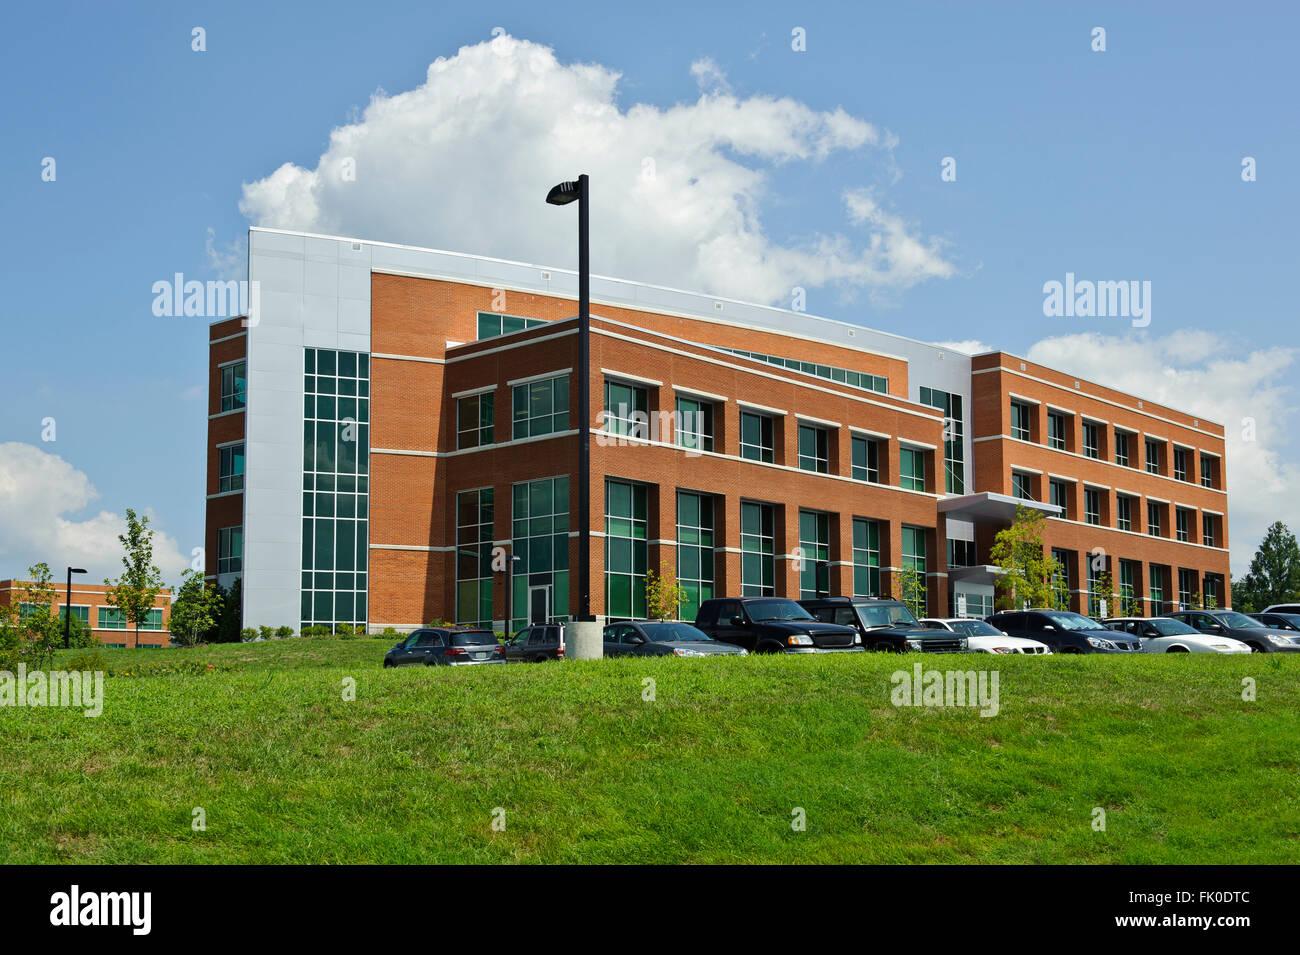 Generico Edificio per uffici, scuole, ospedali, Palazzo del Governo Immagini Stock